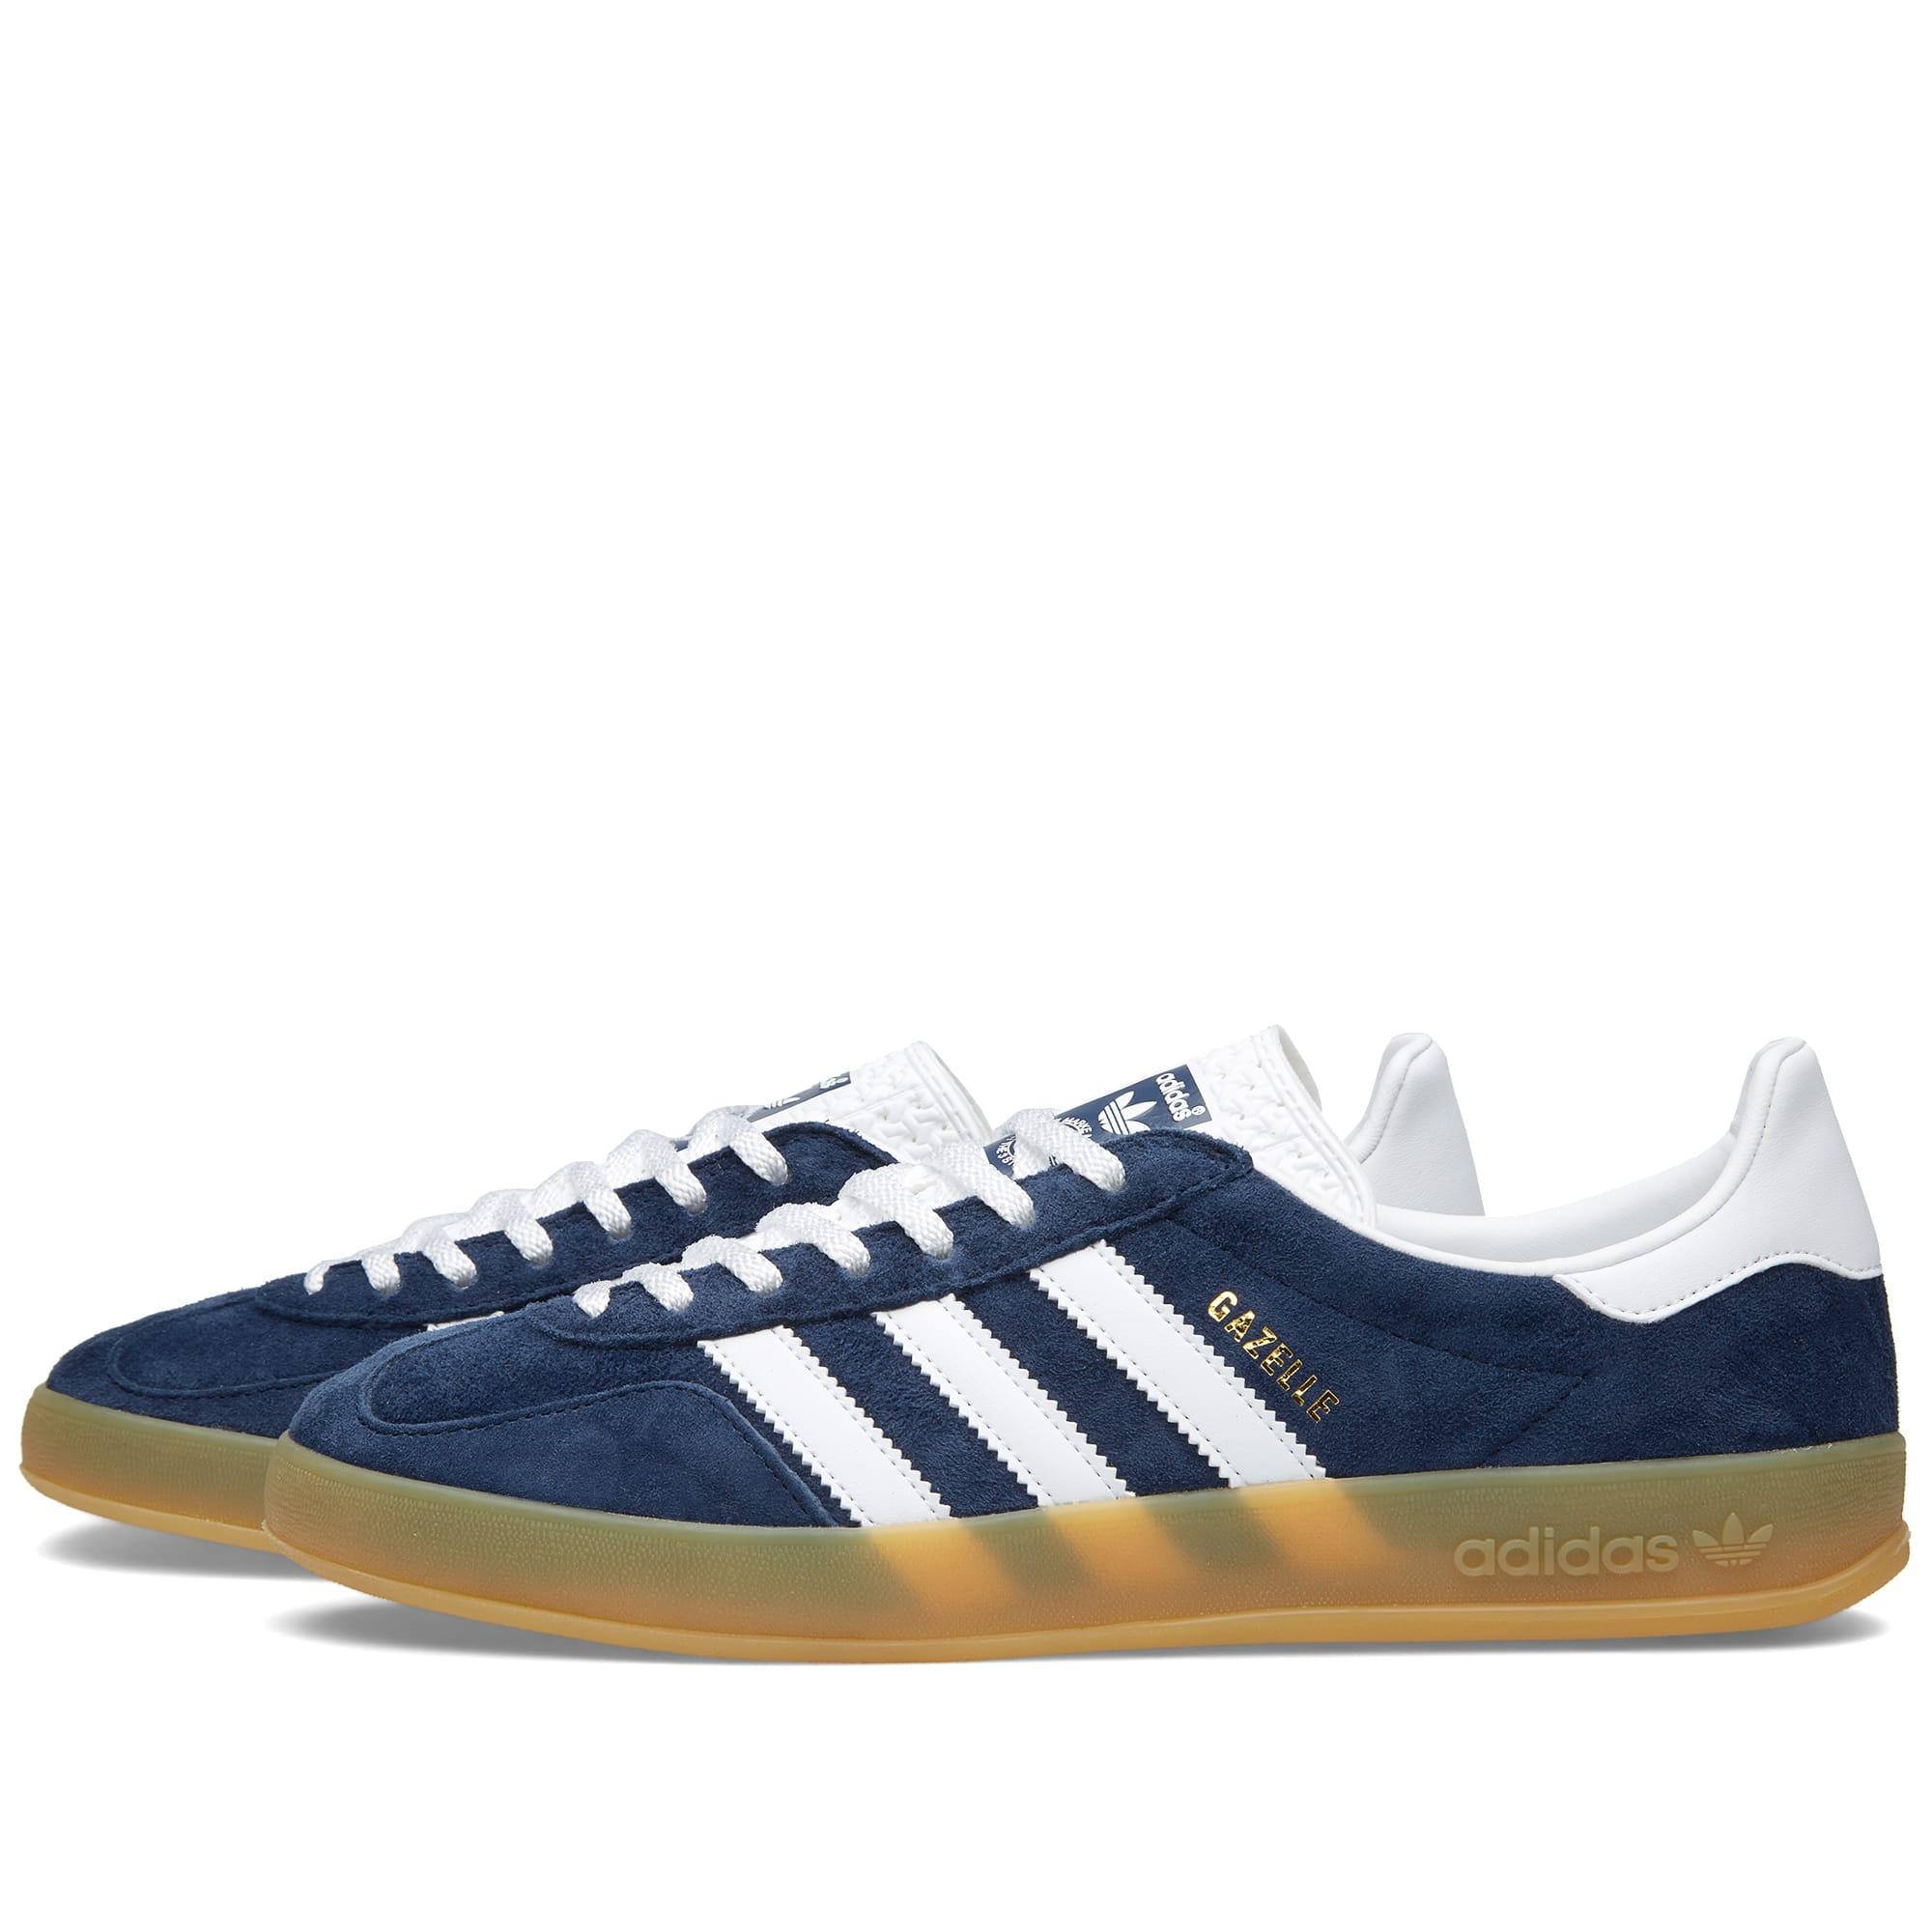 05fffd7745c8e4 adidas originals deerupt runner boys